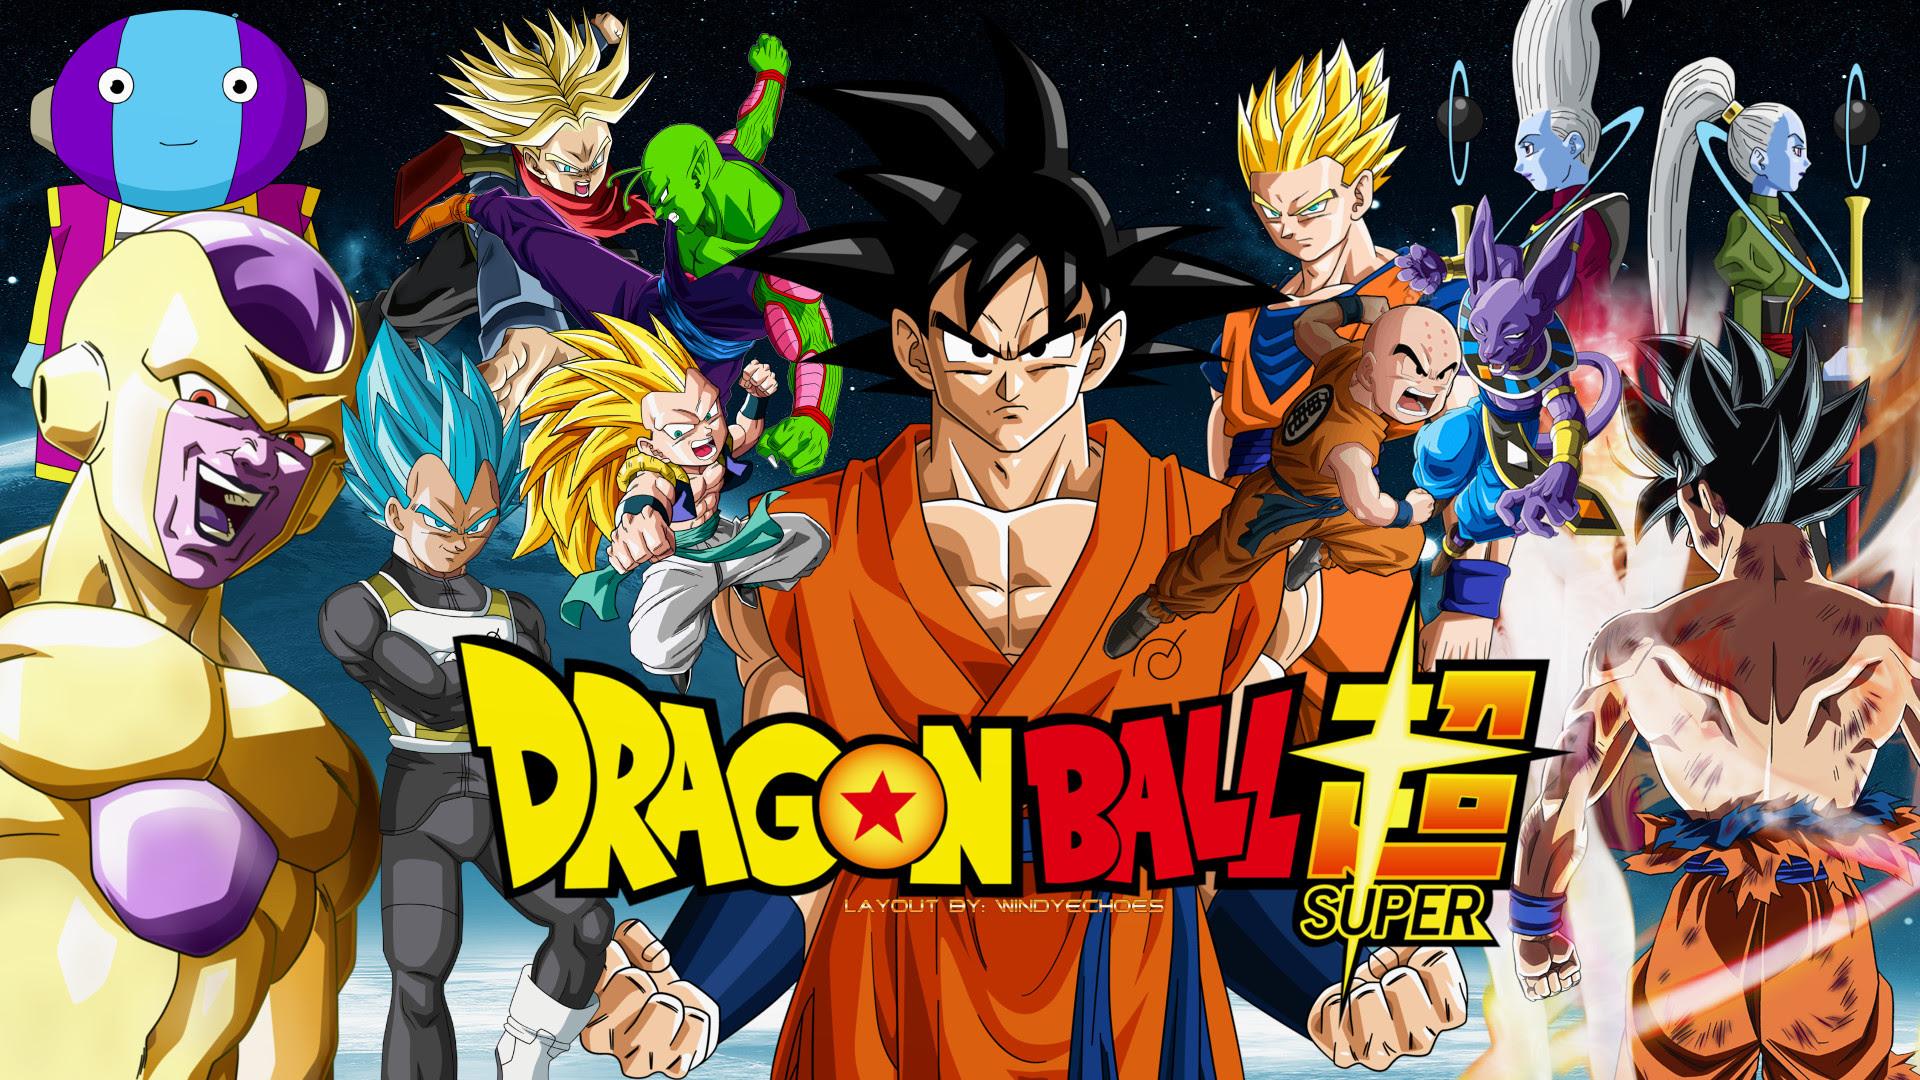 Dragon Ball Super Wallpaper 58+ images